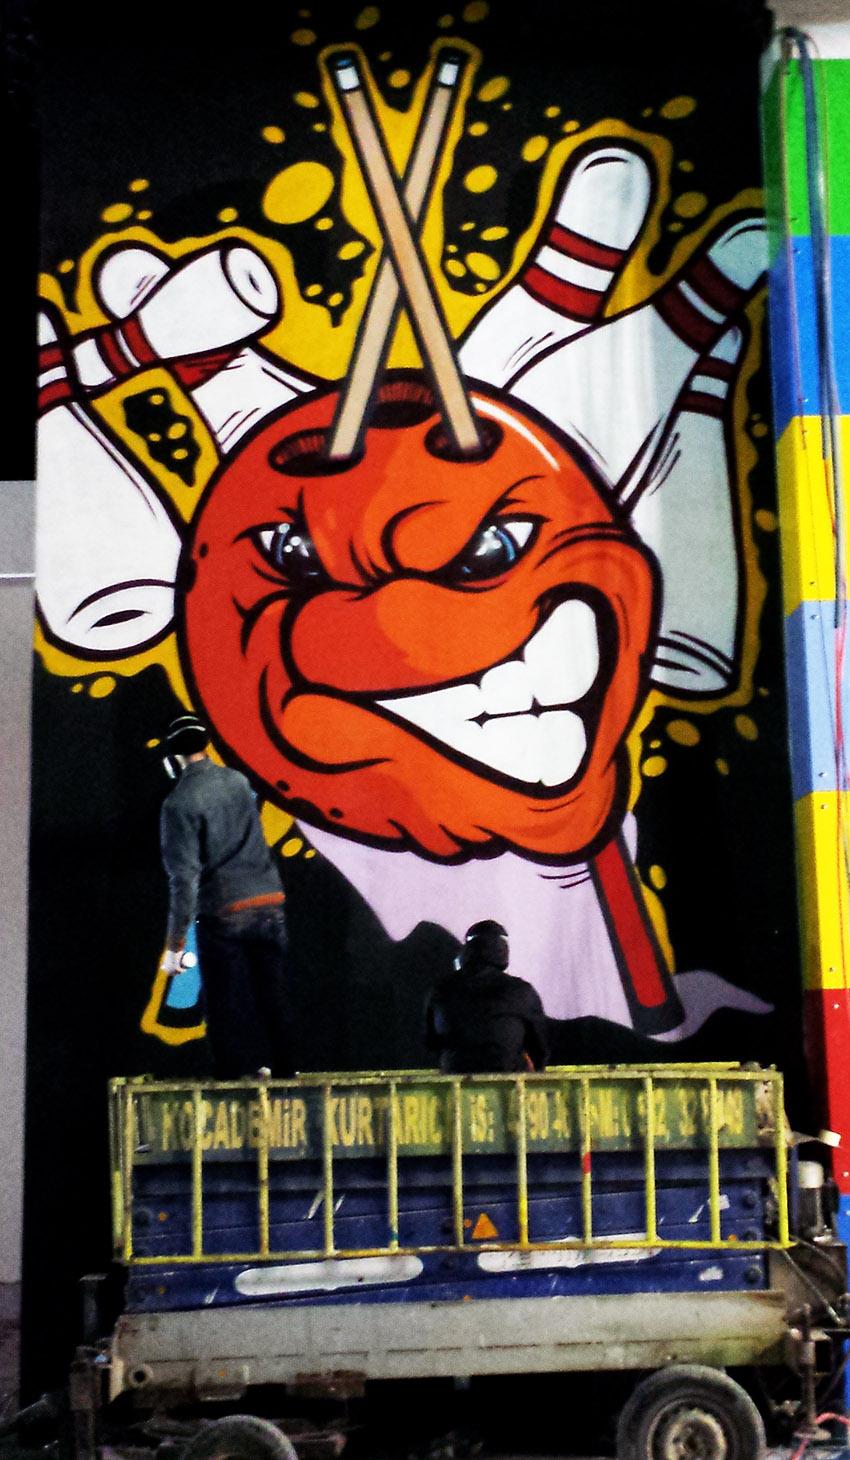 Sueno_hotel_turk_graffiti_grafiti_4